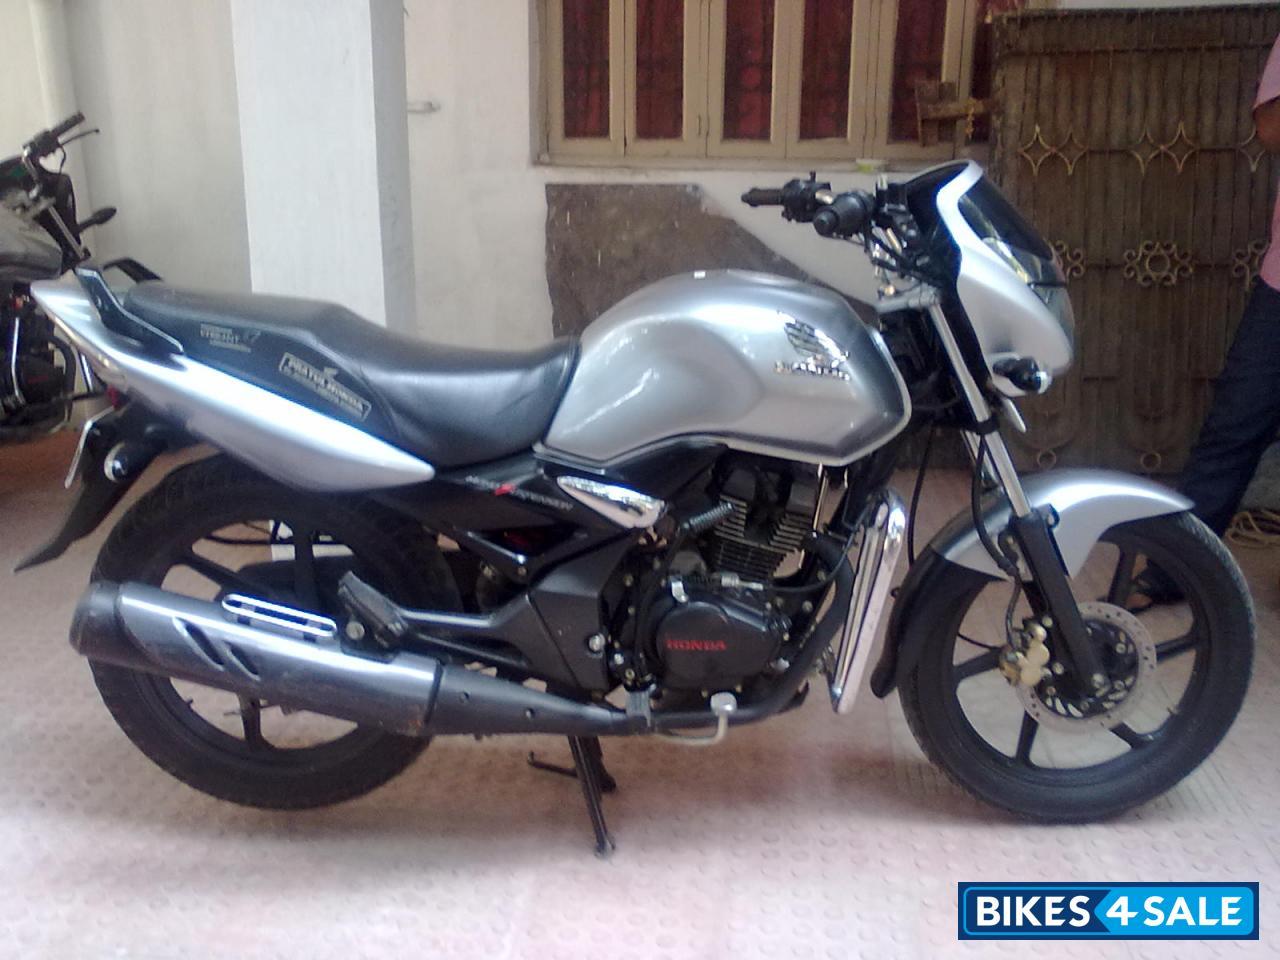 Silver Honda Unicorn Picture 2. Bike ID 49957. Bike ...